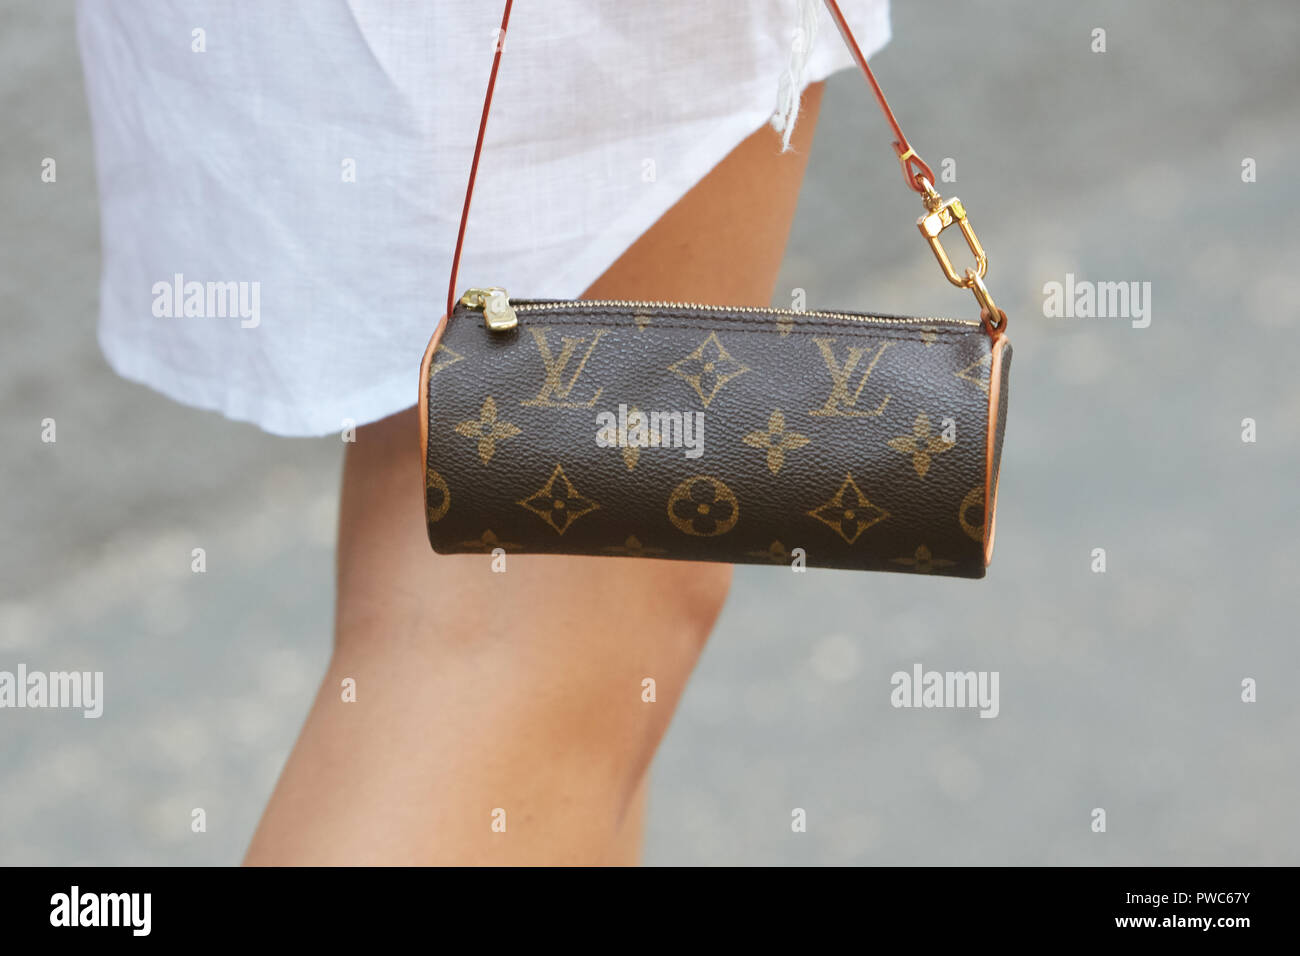 1a6b8bf28d410 Woman White Louis Vuitton Bag Stockfotos   Woman White Louis Vuitton ...